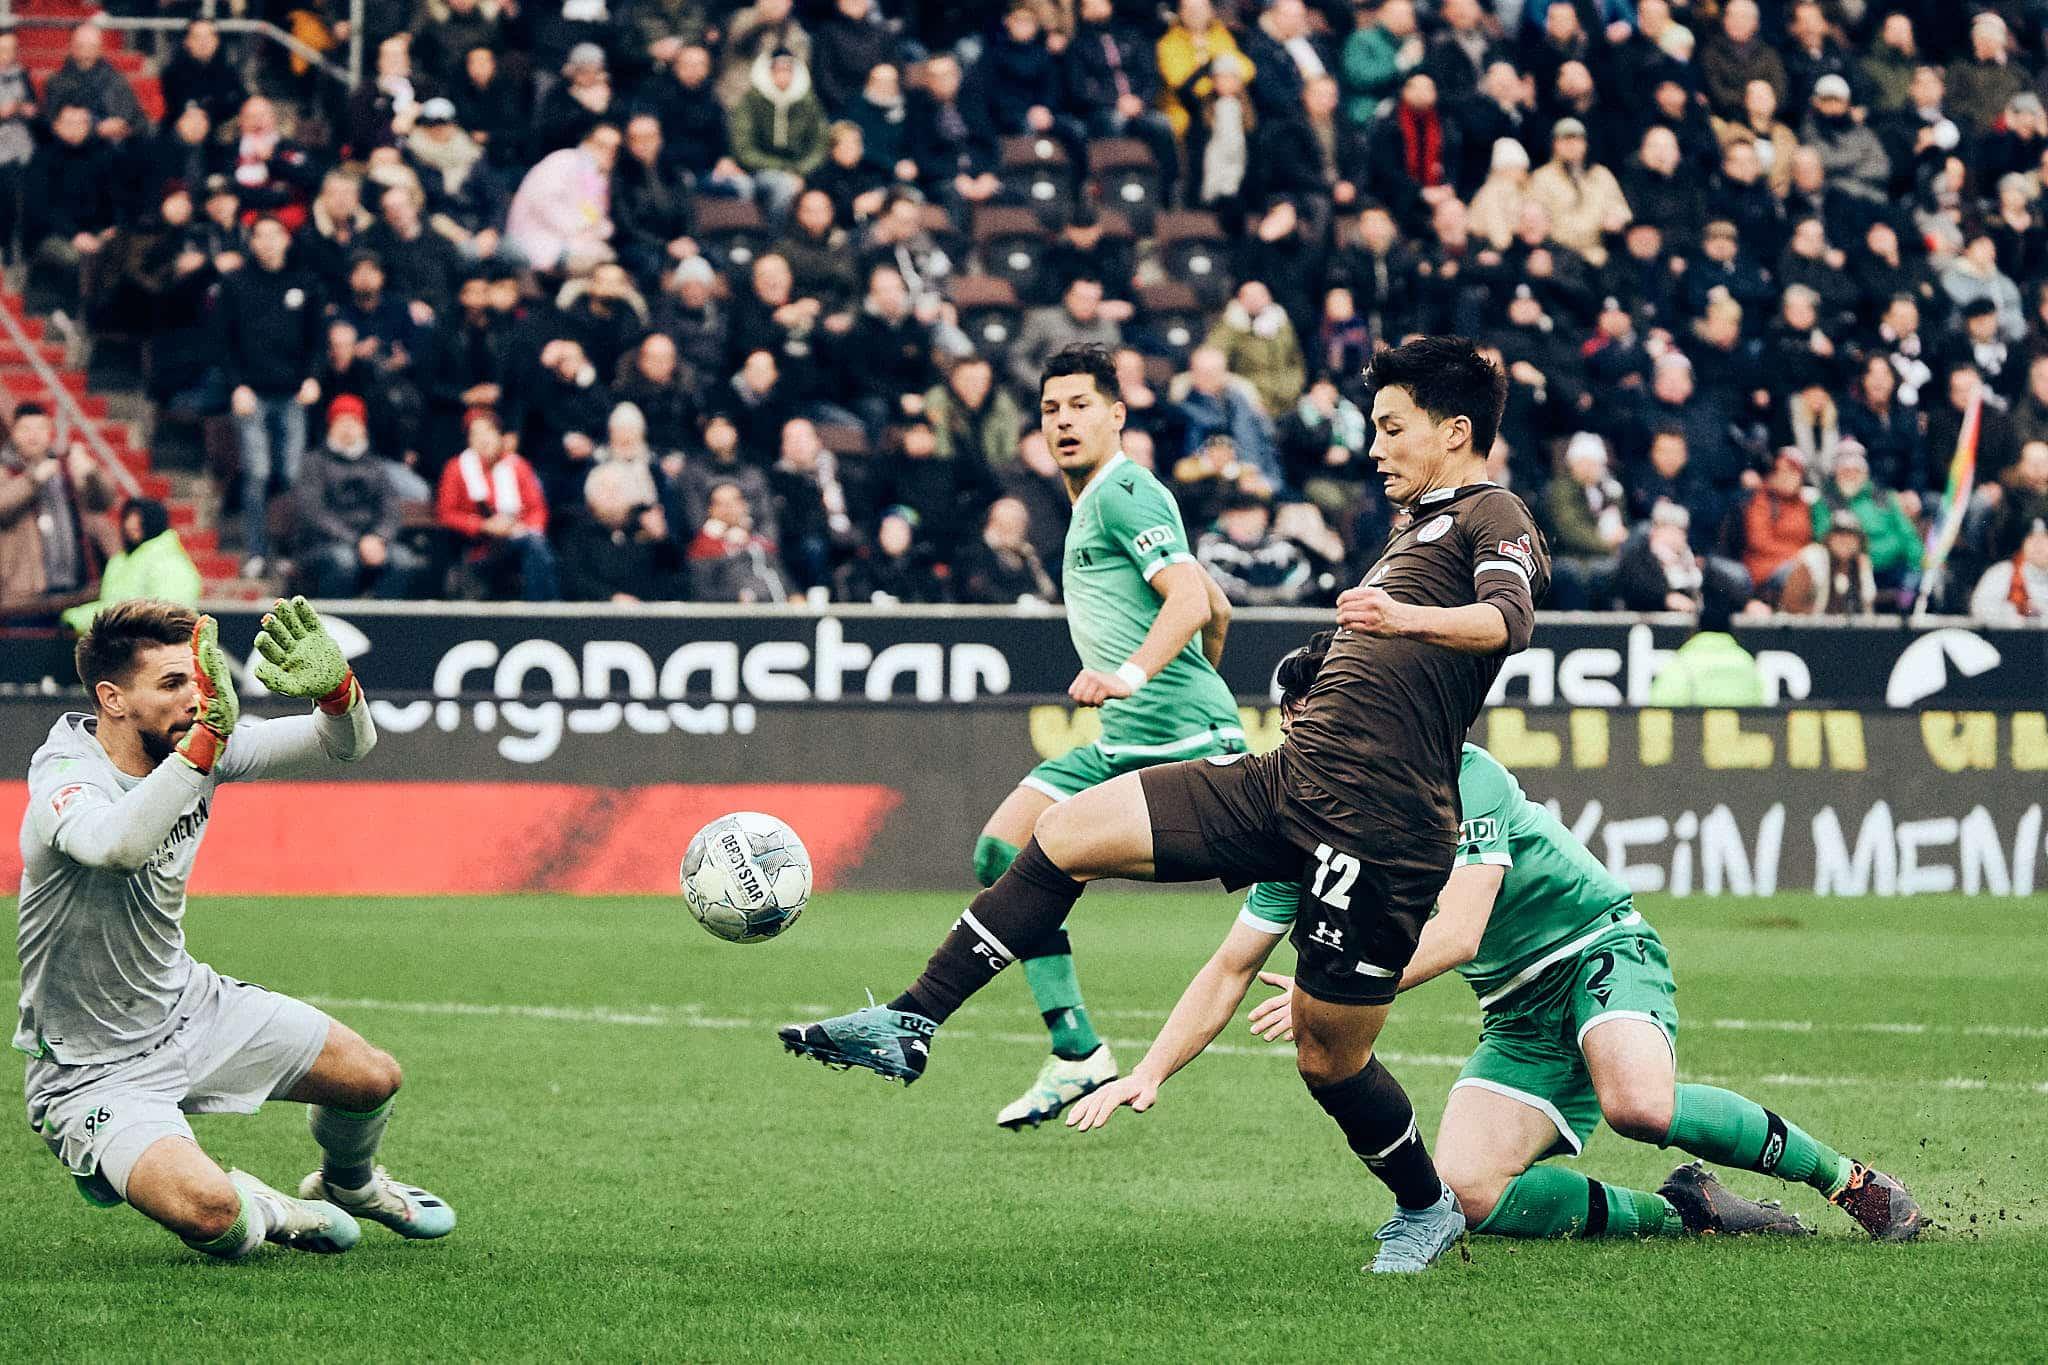 Vor dem Spiel – Hannover 96 (A) – Spieltag 32 – Saison 2019/20